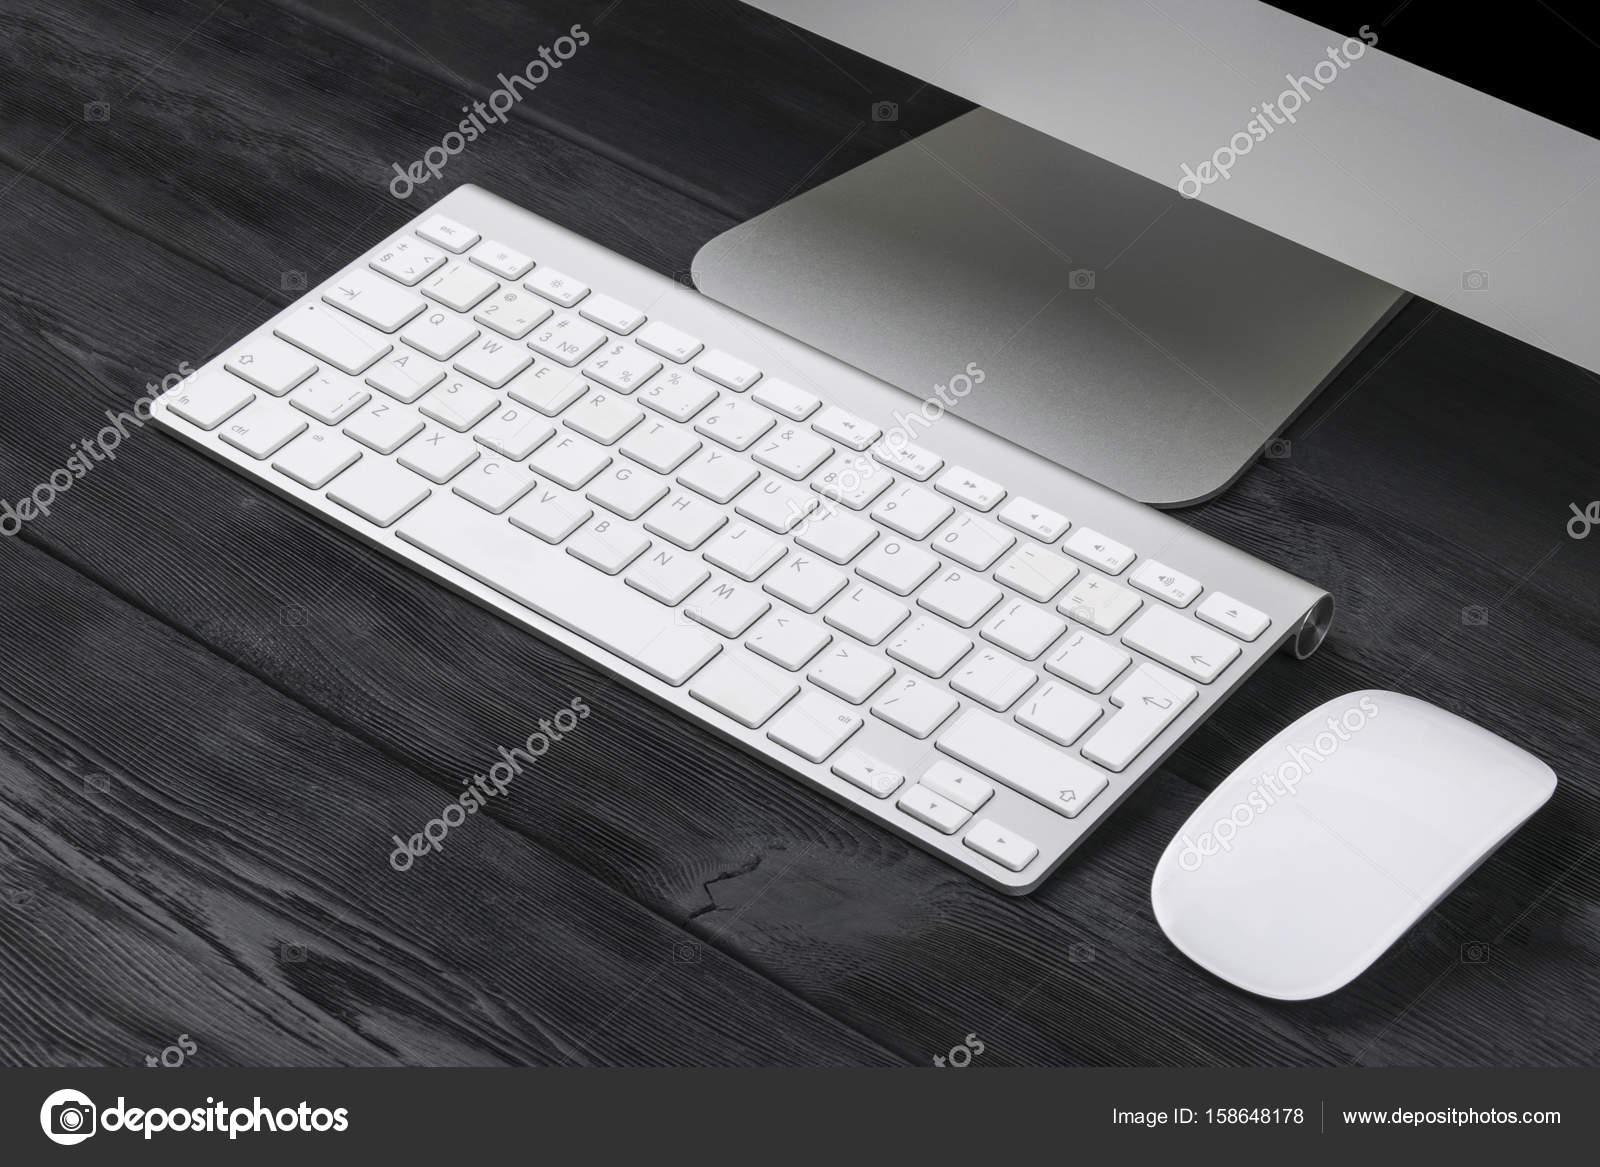 Ufficio Del Lavoro In Nero : Area di lavoro di business con computer tastiera wireless e mouse